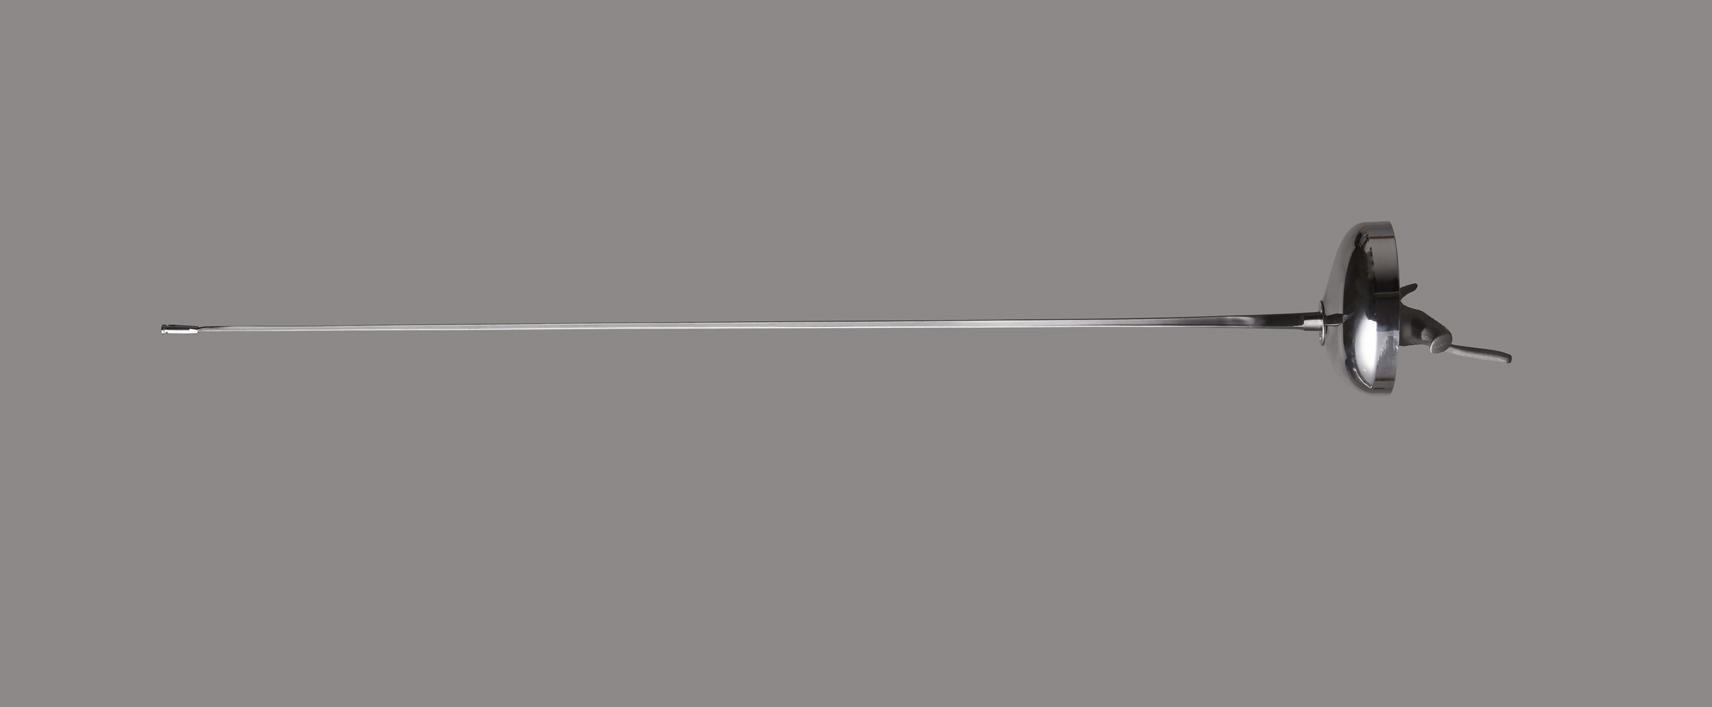 Забастовка меч ( для взрослых / ребенок ) электричество вес меч целую меч забастовка меч объединение может обозначение женьшень матч марка